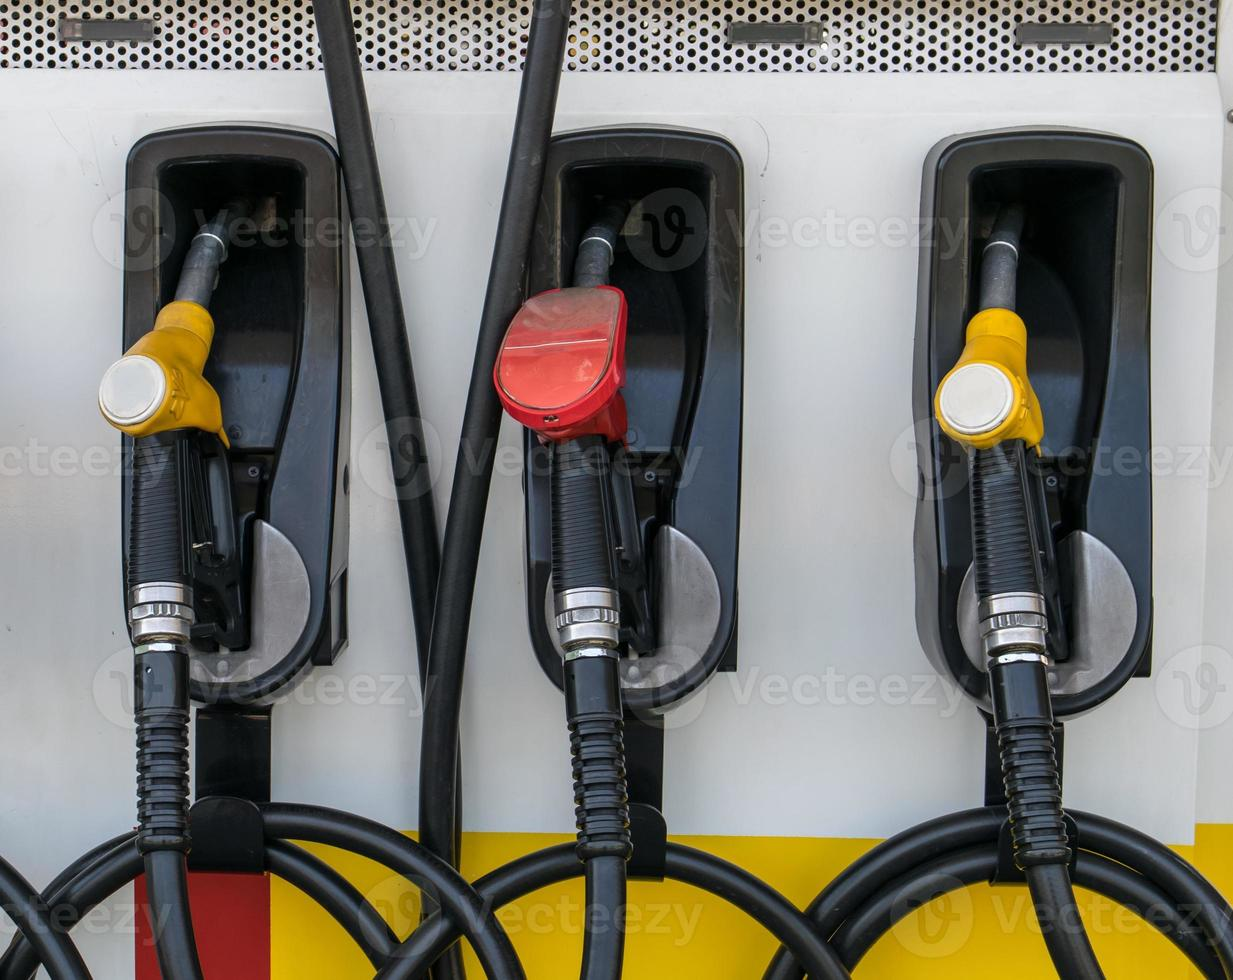 bicos da bomba no posto de gasolina. foto